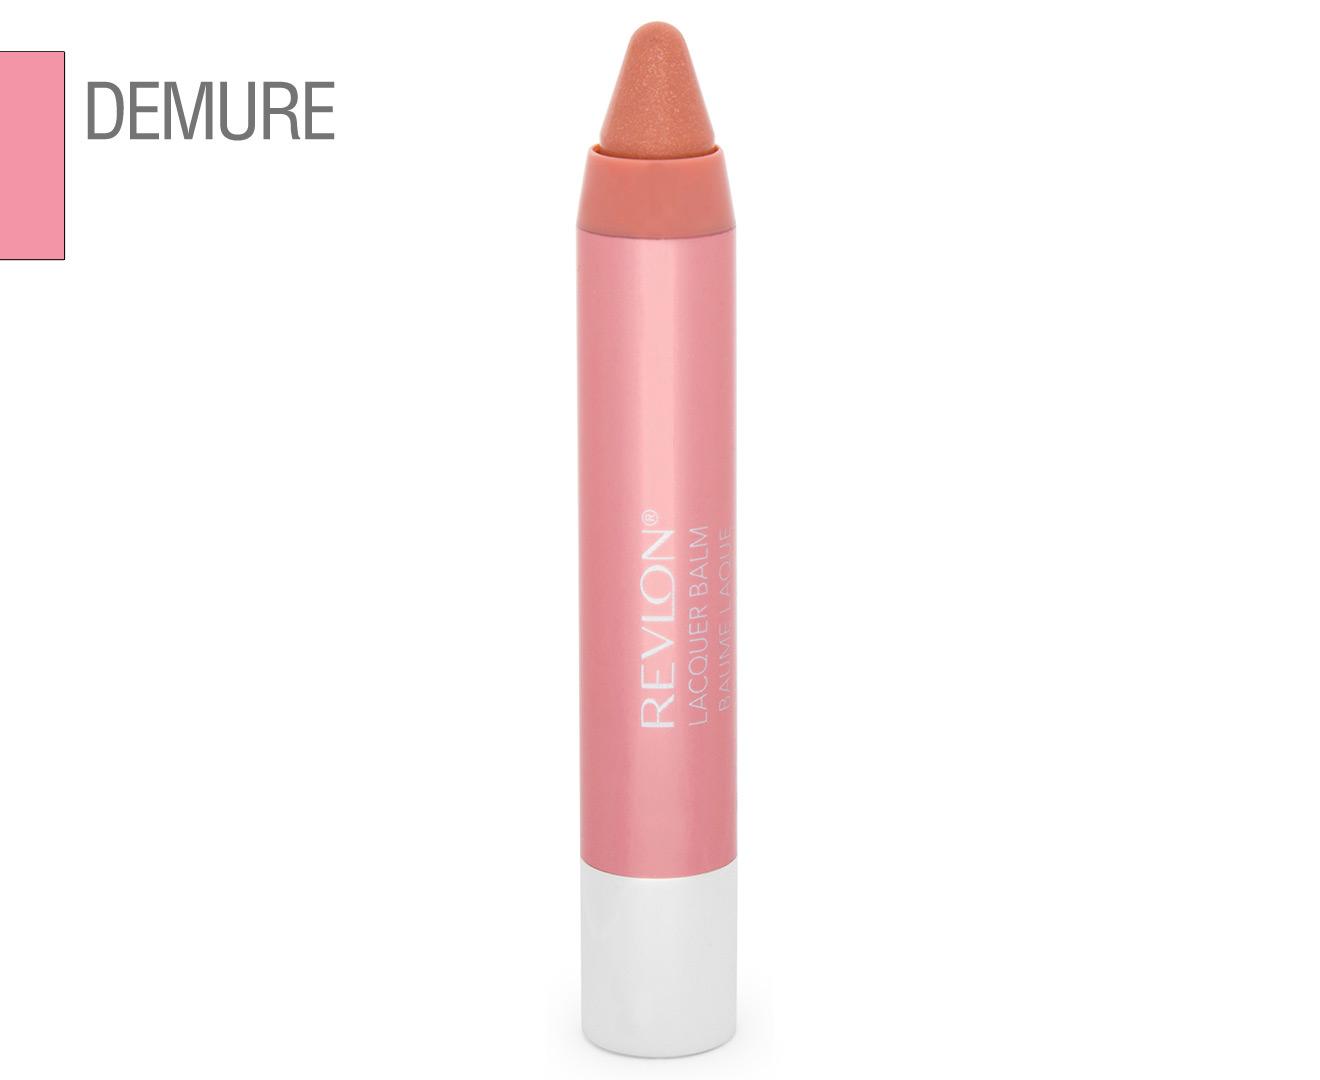 Revlon Colorburst Lacquer Balm 27g 105 Demure Ebay Collorbust Matte